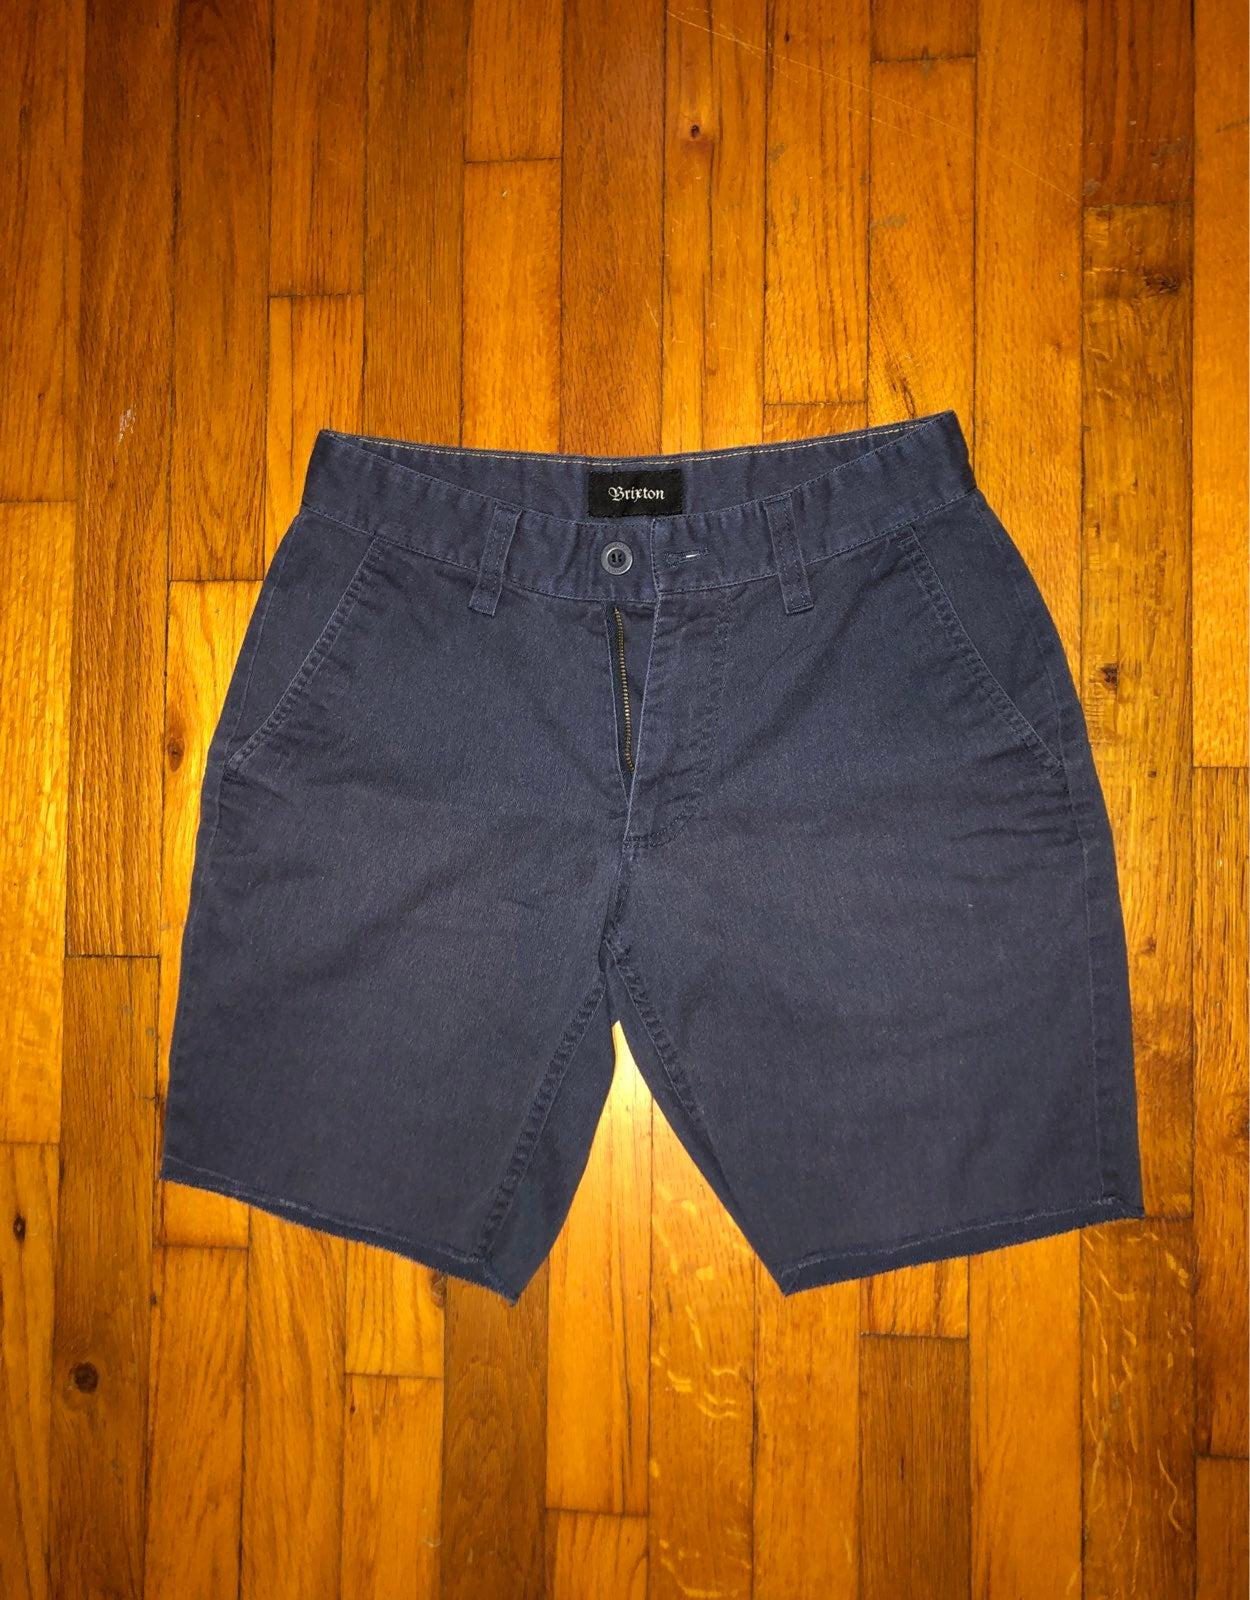 Brixton Shorts Navy